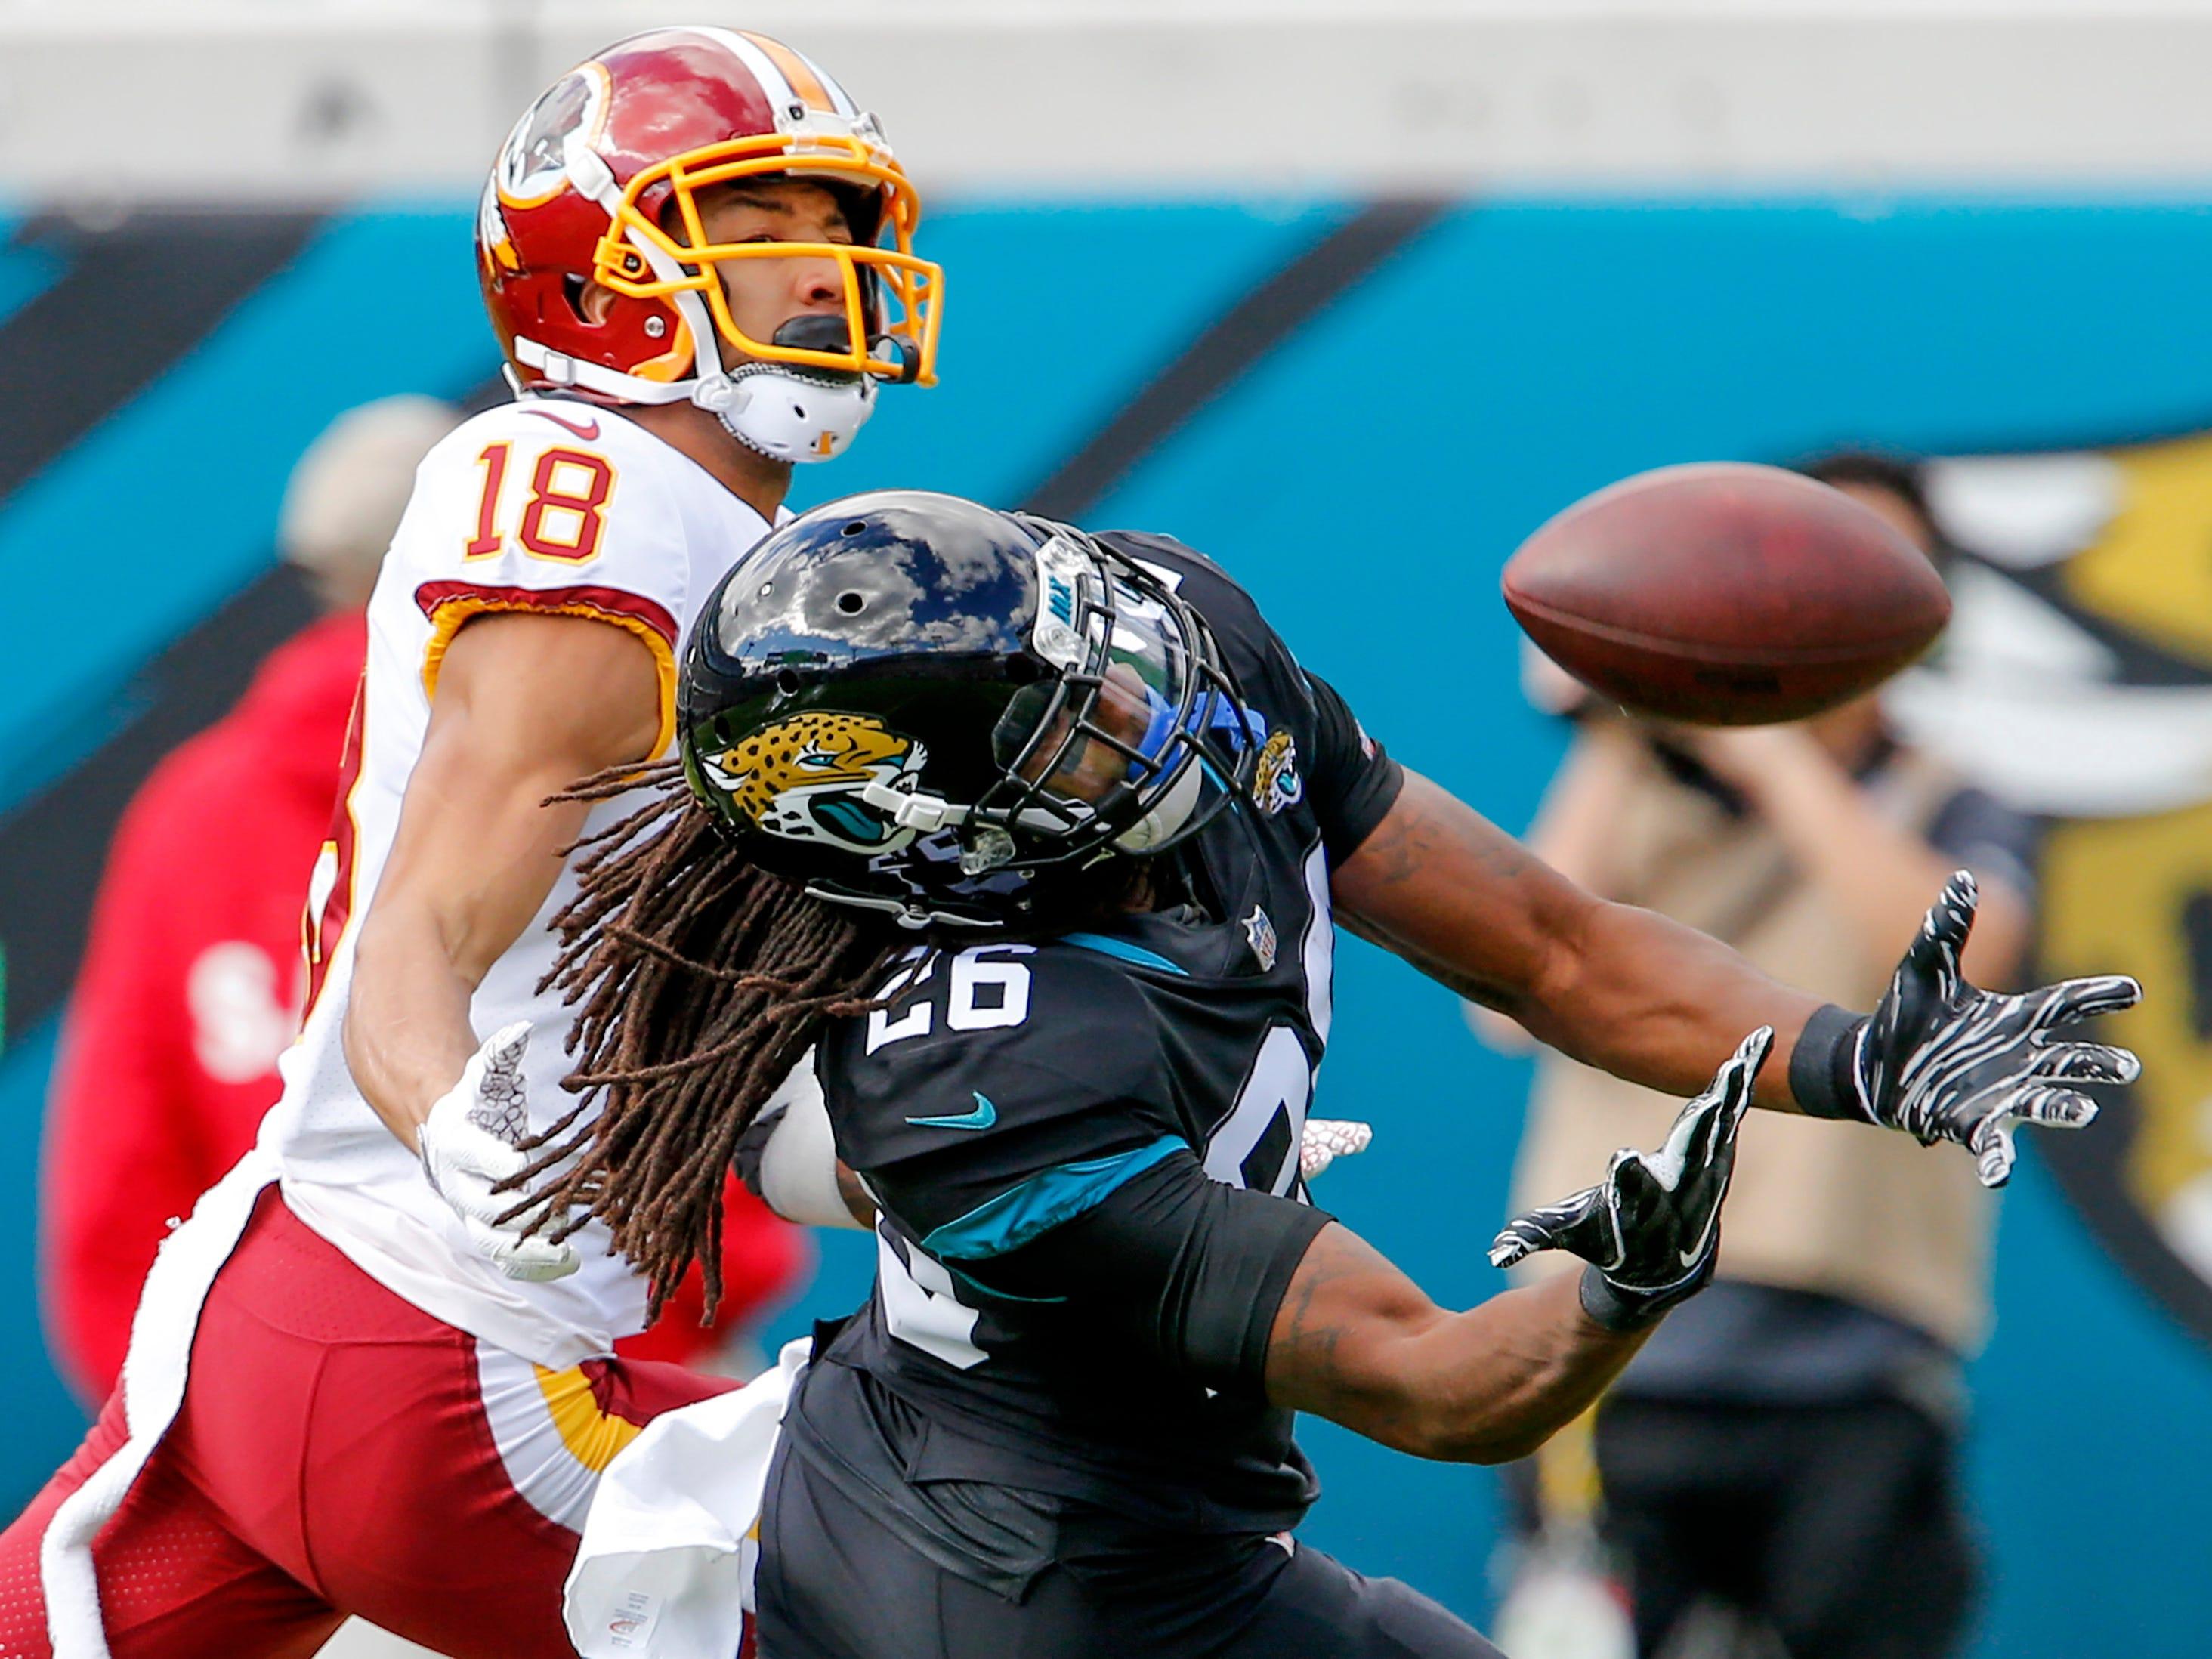 Jaguars defensive back Jarrod Wilson (26) battles Redskins wide receiver Josh Doctson (18) for a pass.